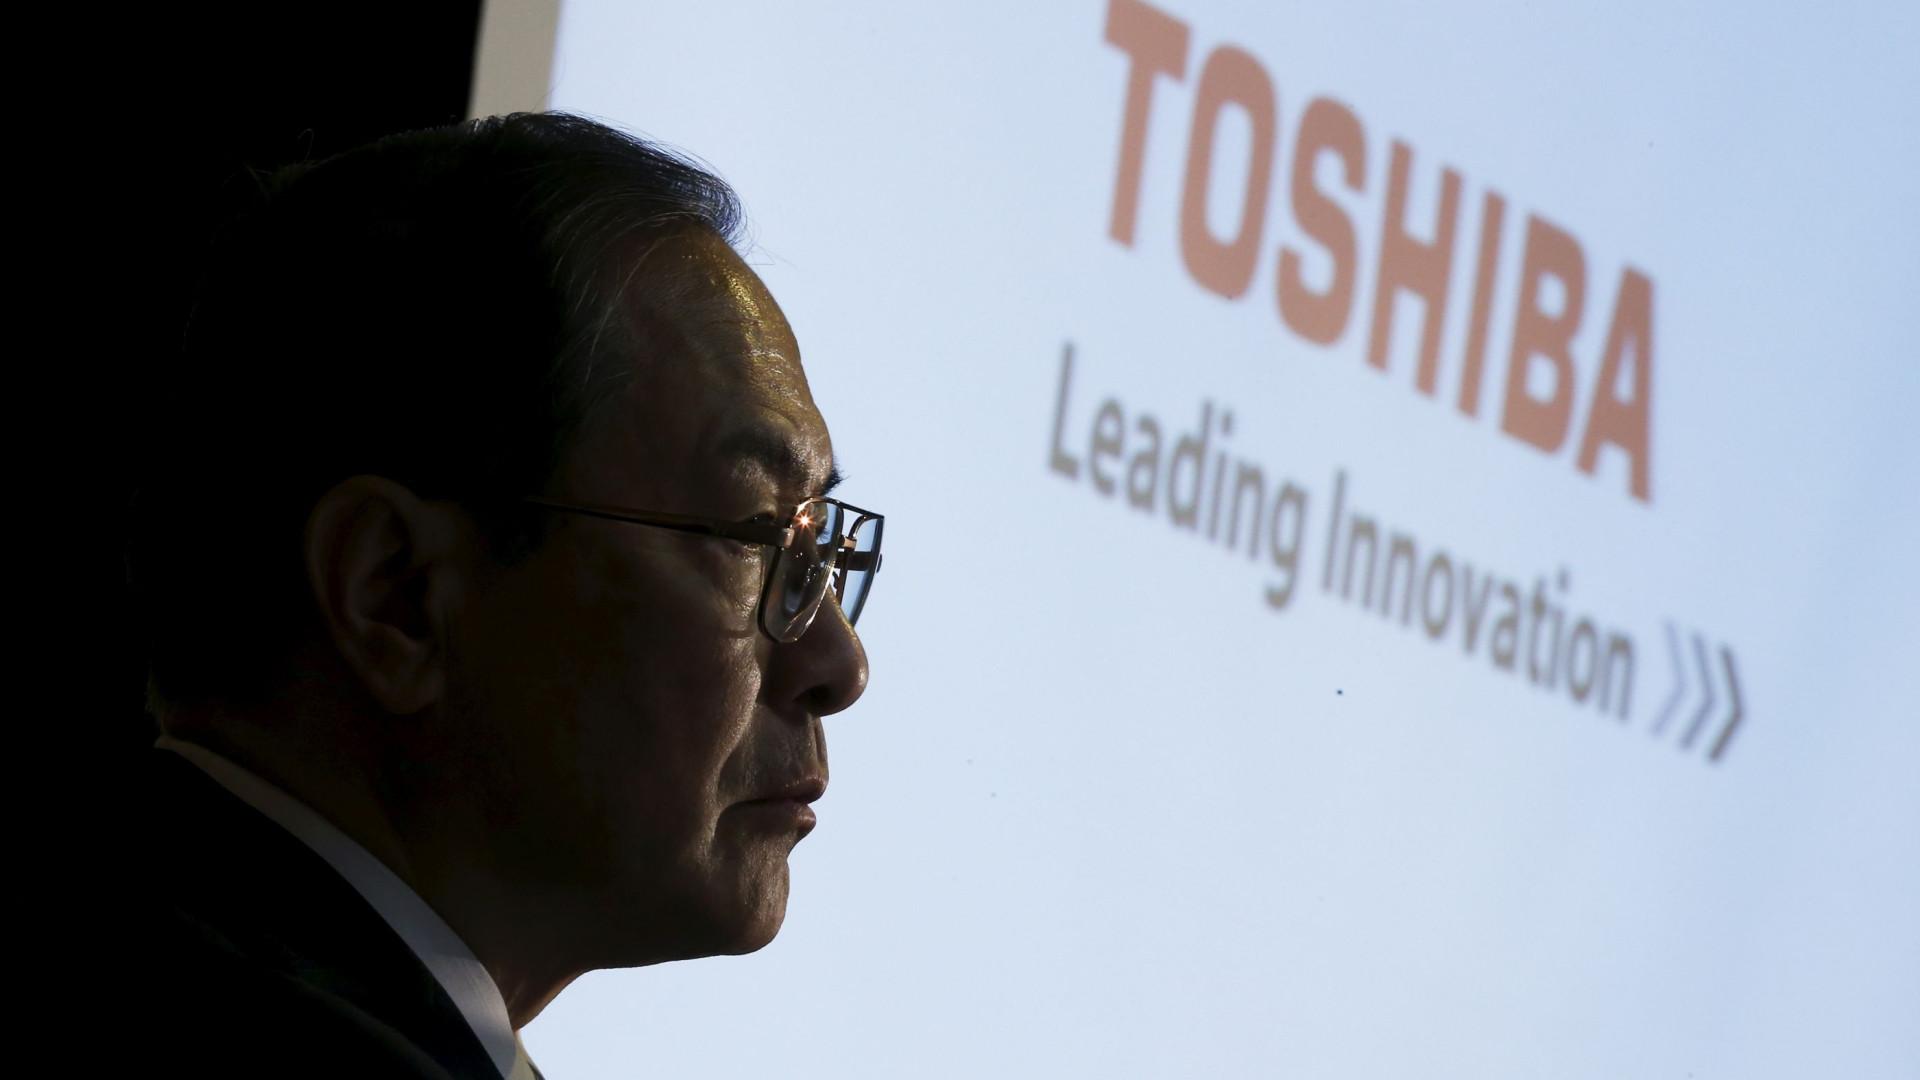 Toshiba confirma ter recebido proposta de aquisição